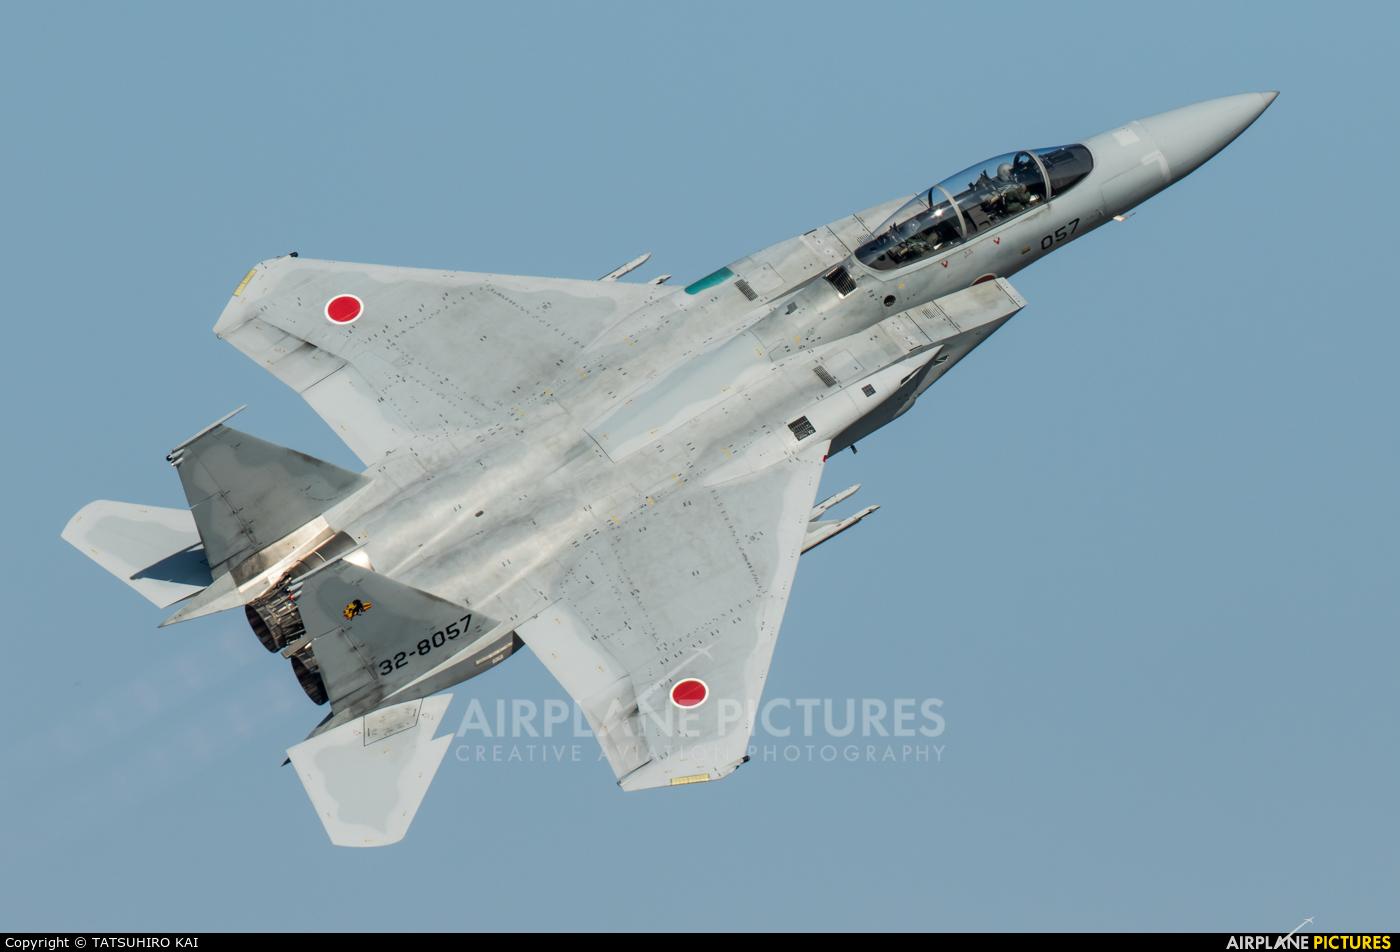 Japan - Air Self Defence Force 32-8057 aircraft at Nyutabaru AB